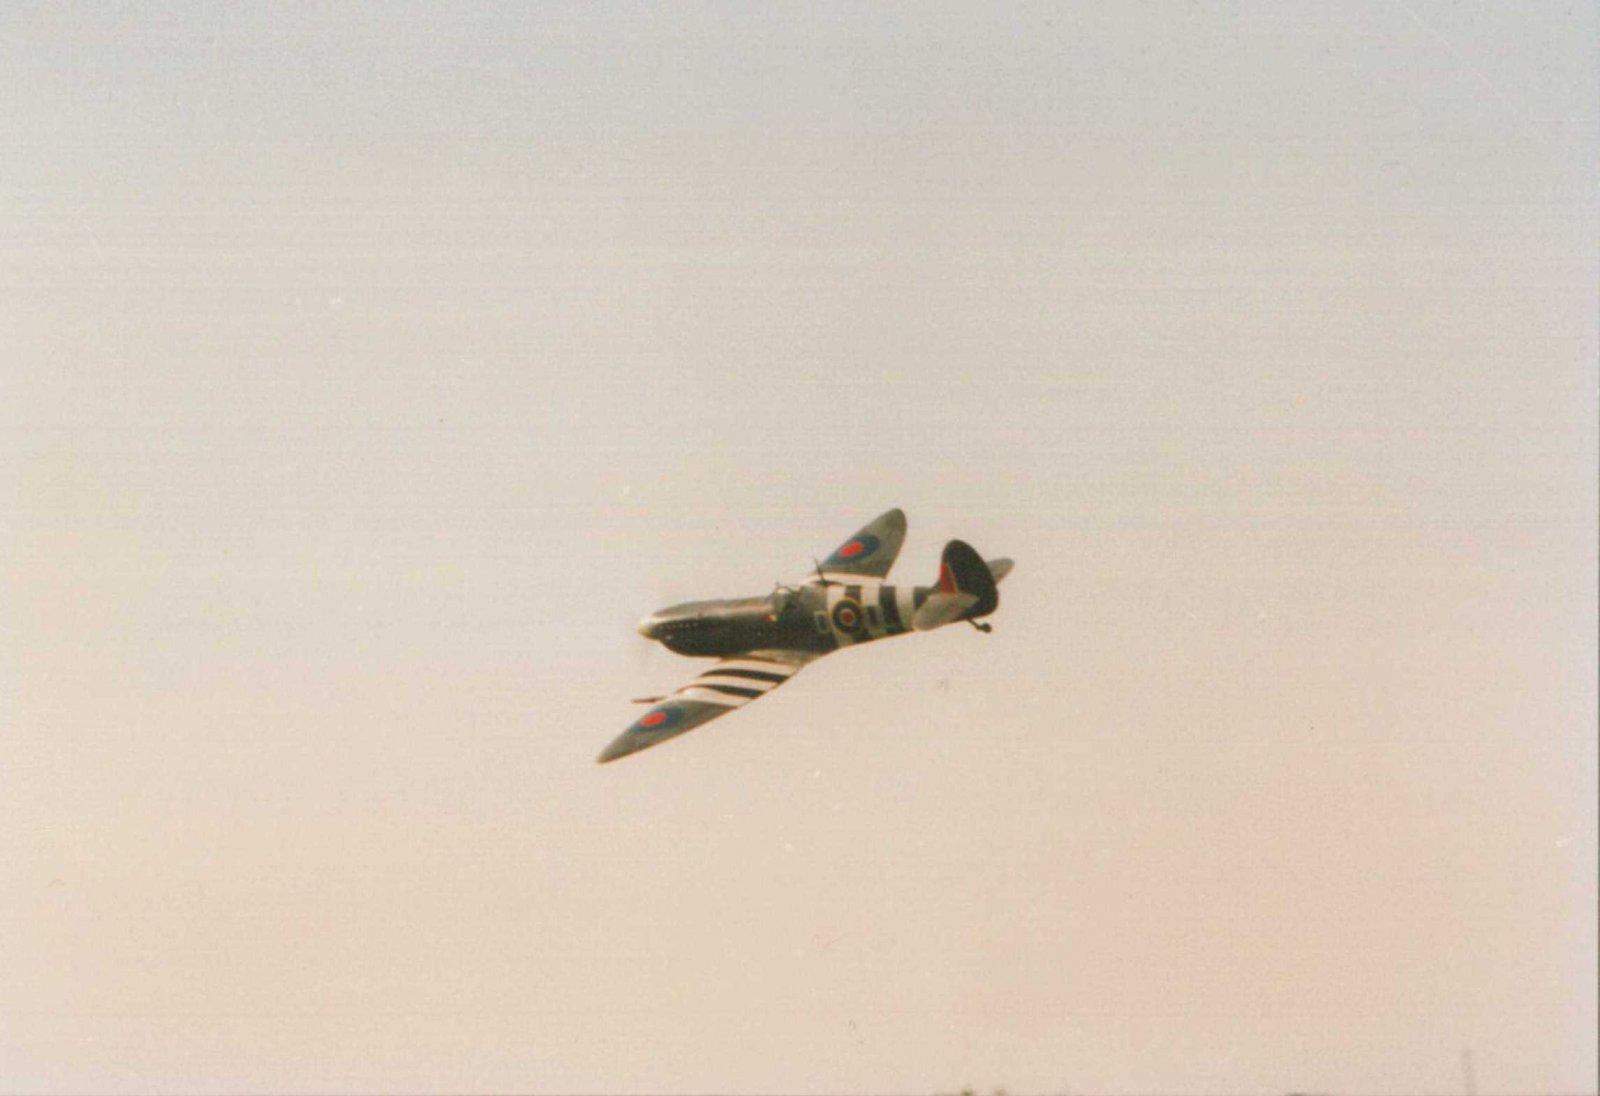 Spit-MkIX-1995-flying.jpg